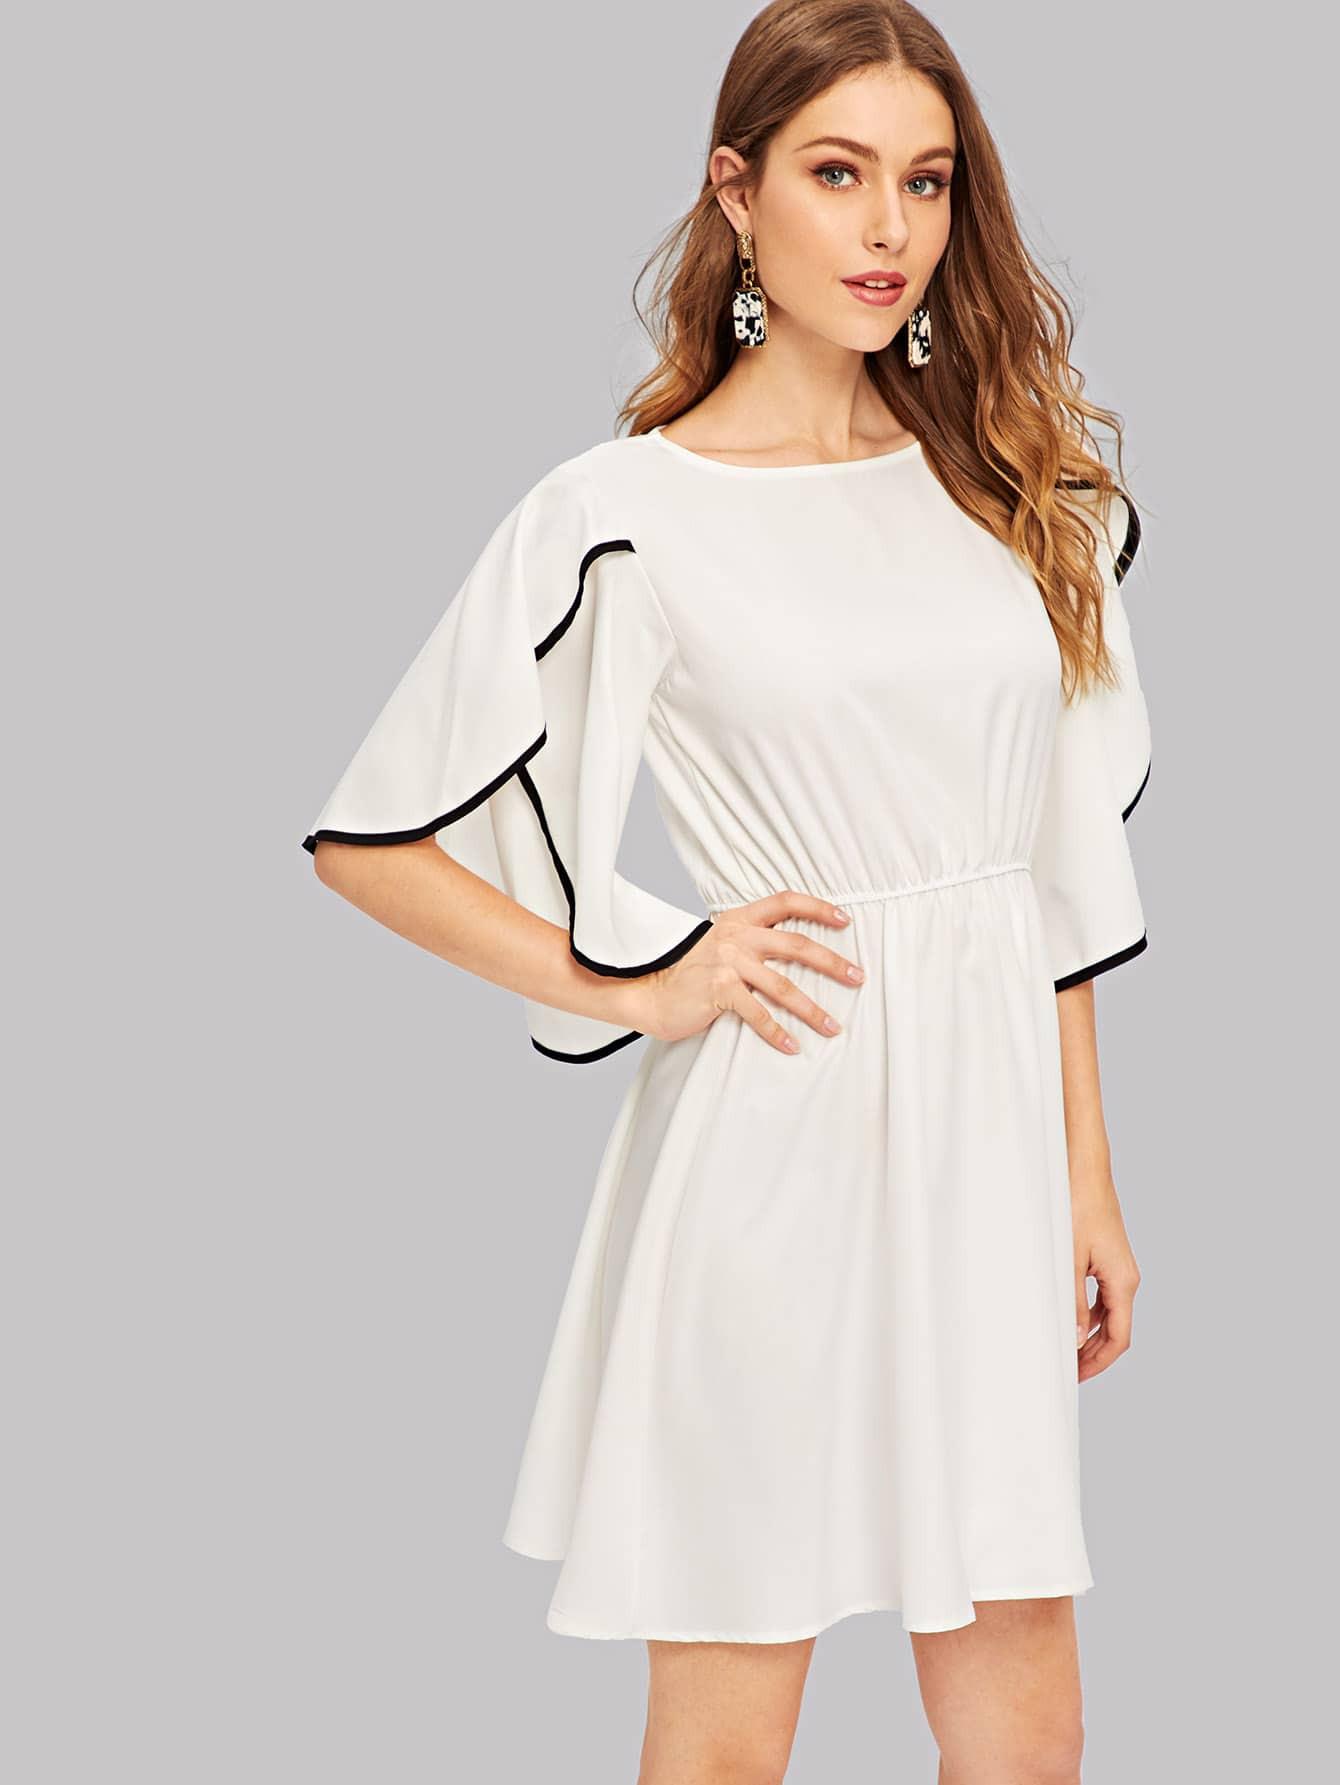 Kleid Mit Flatterärmel  Shein